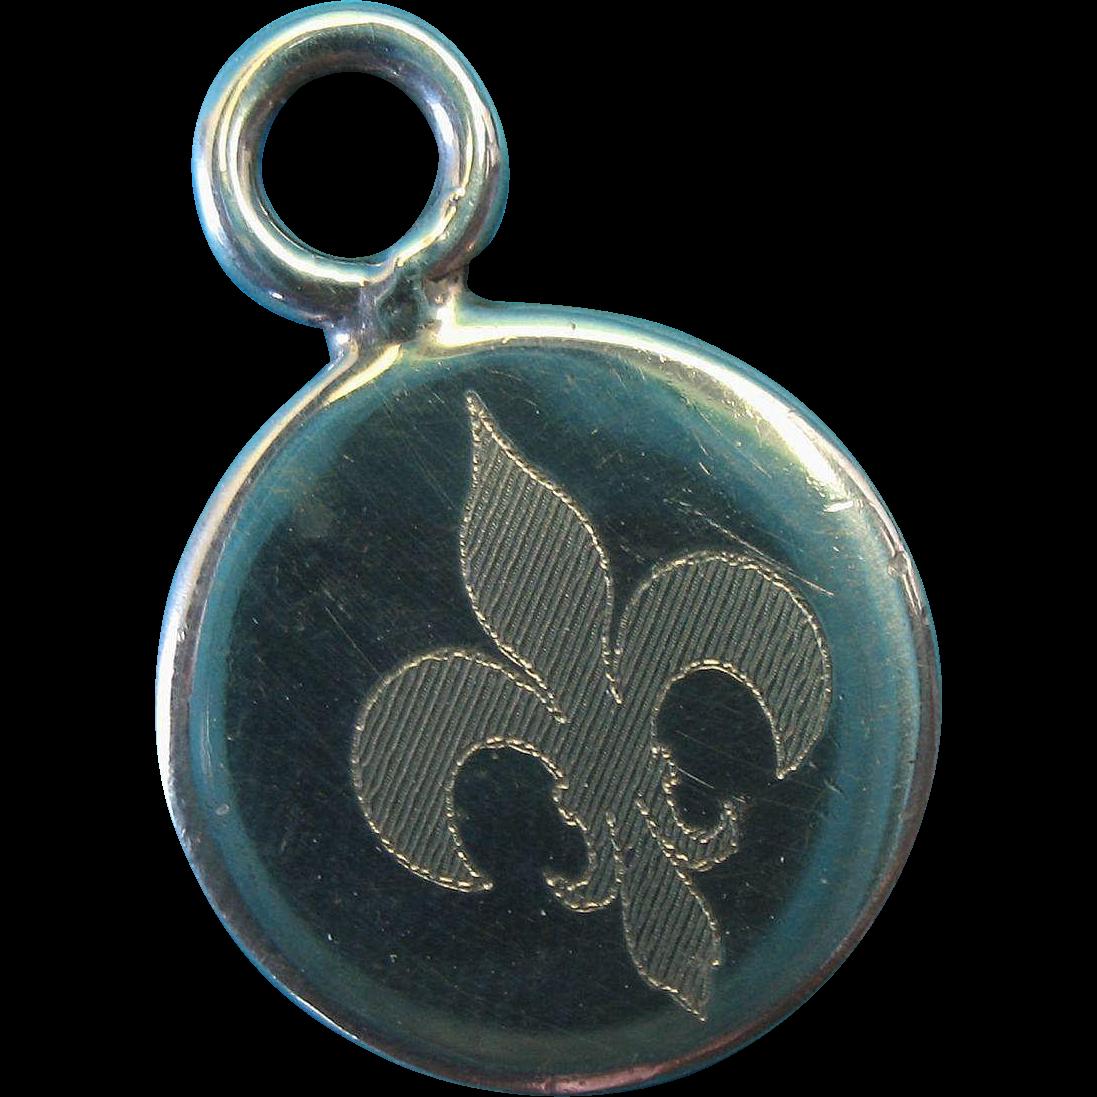 Vintage Sterling Silver Etched Fleur de Lis Pendant Charm 1940s